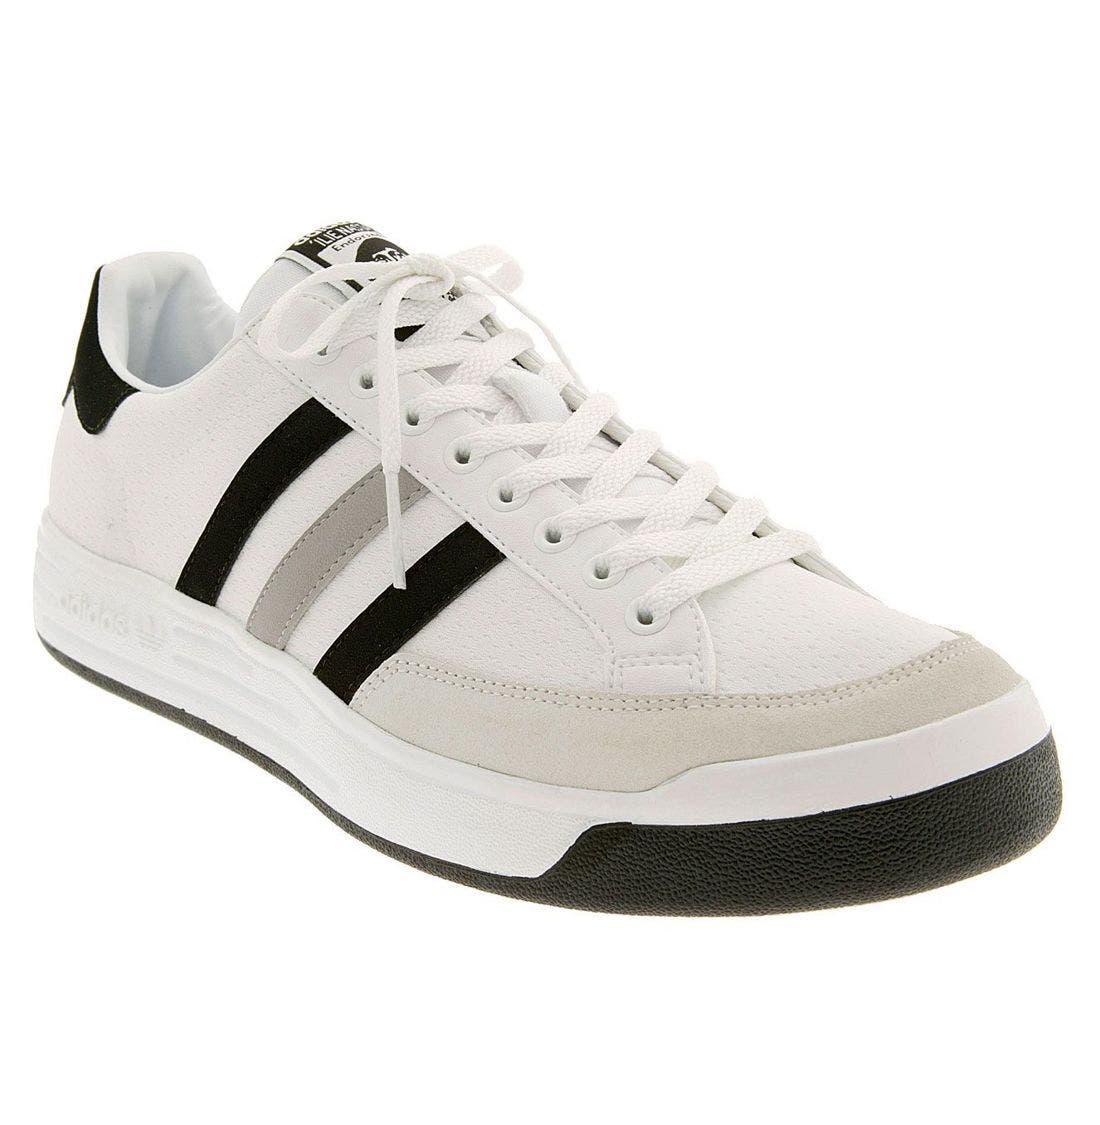 Retro Adidas Ilie Nastase 519076 White Greens Low Top Mens